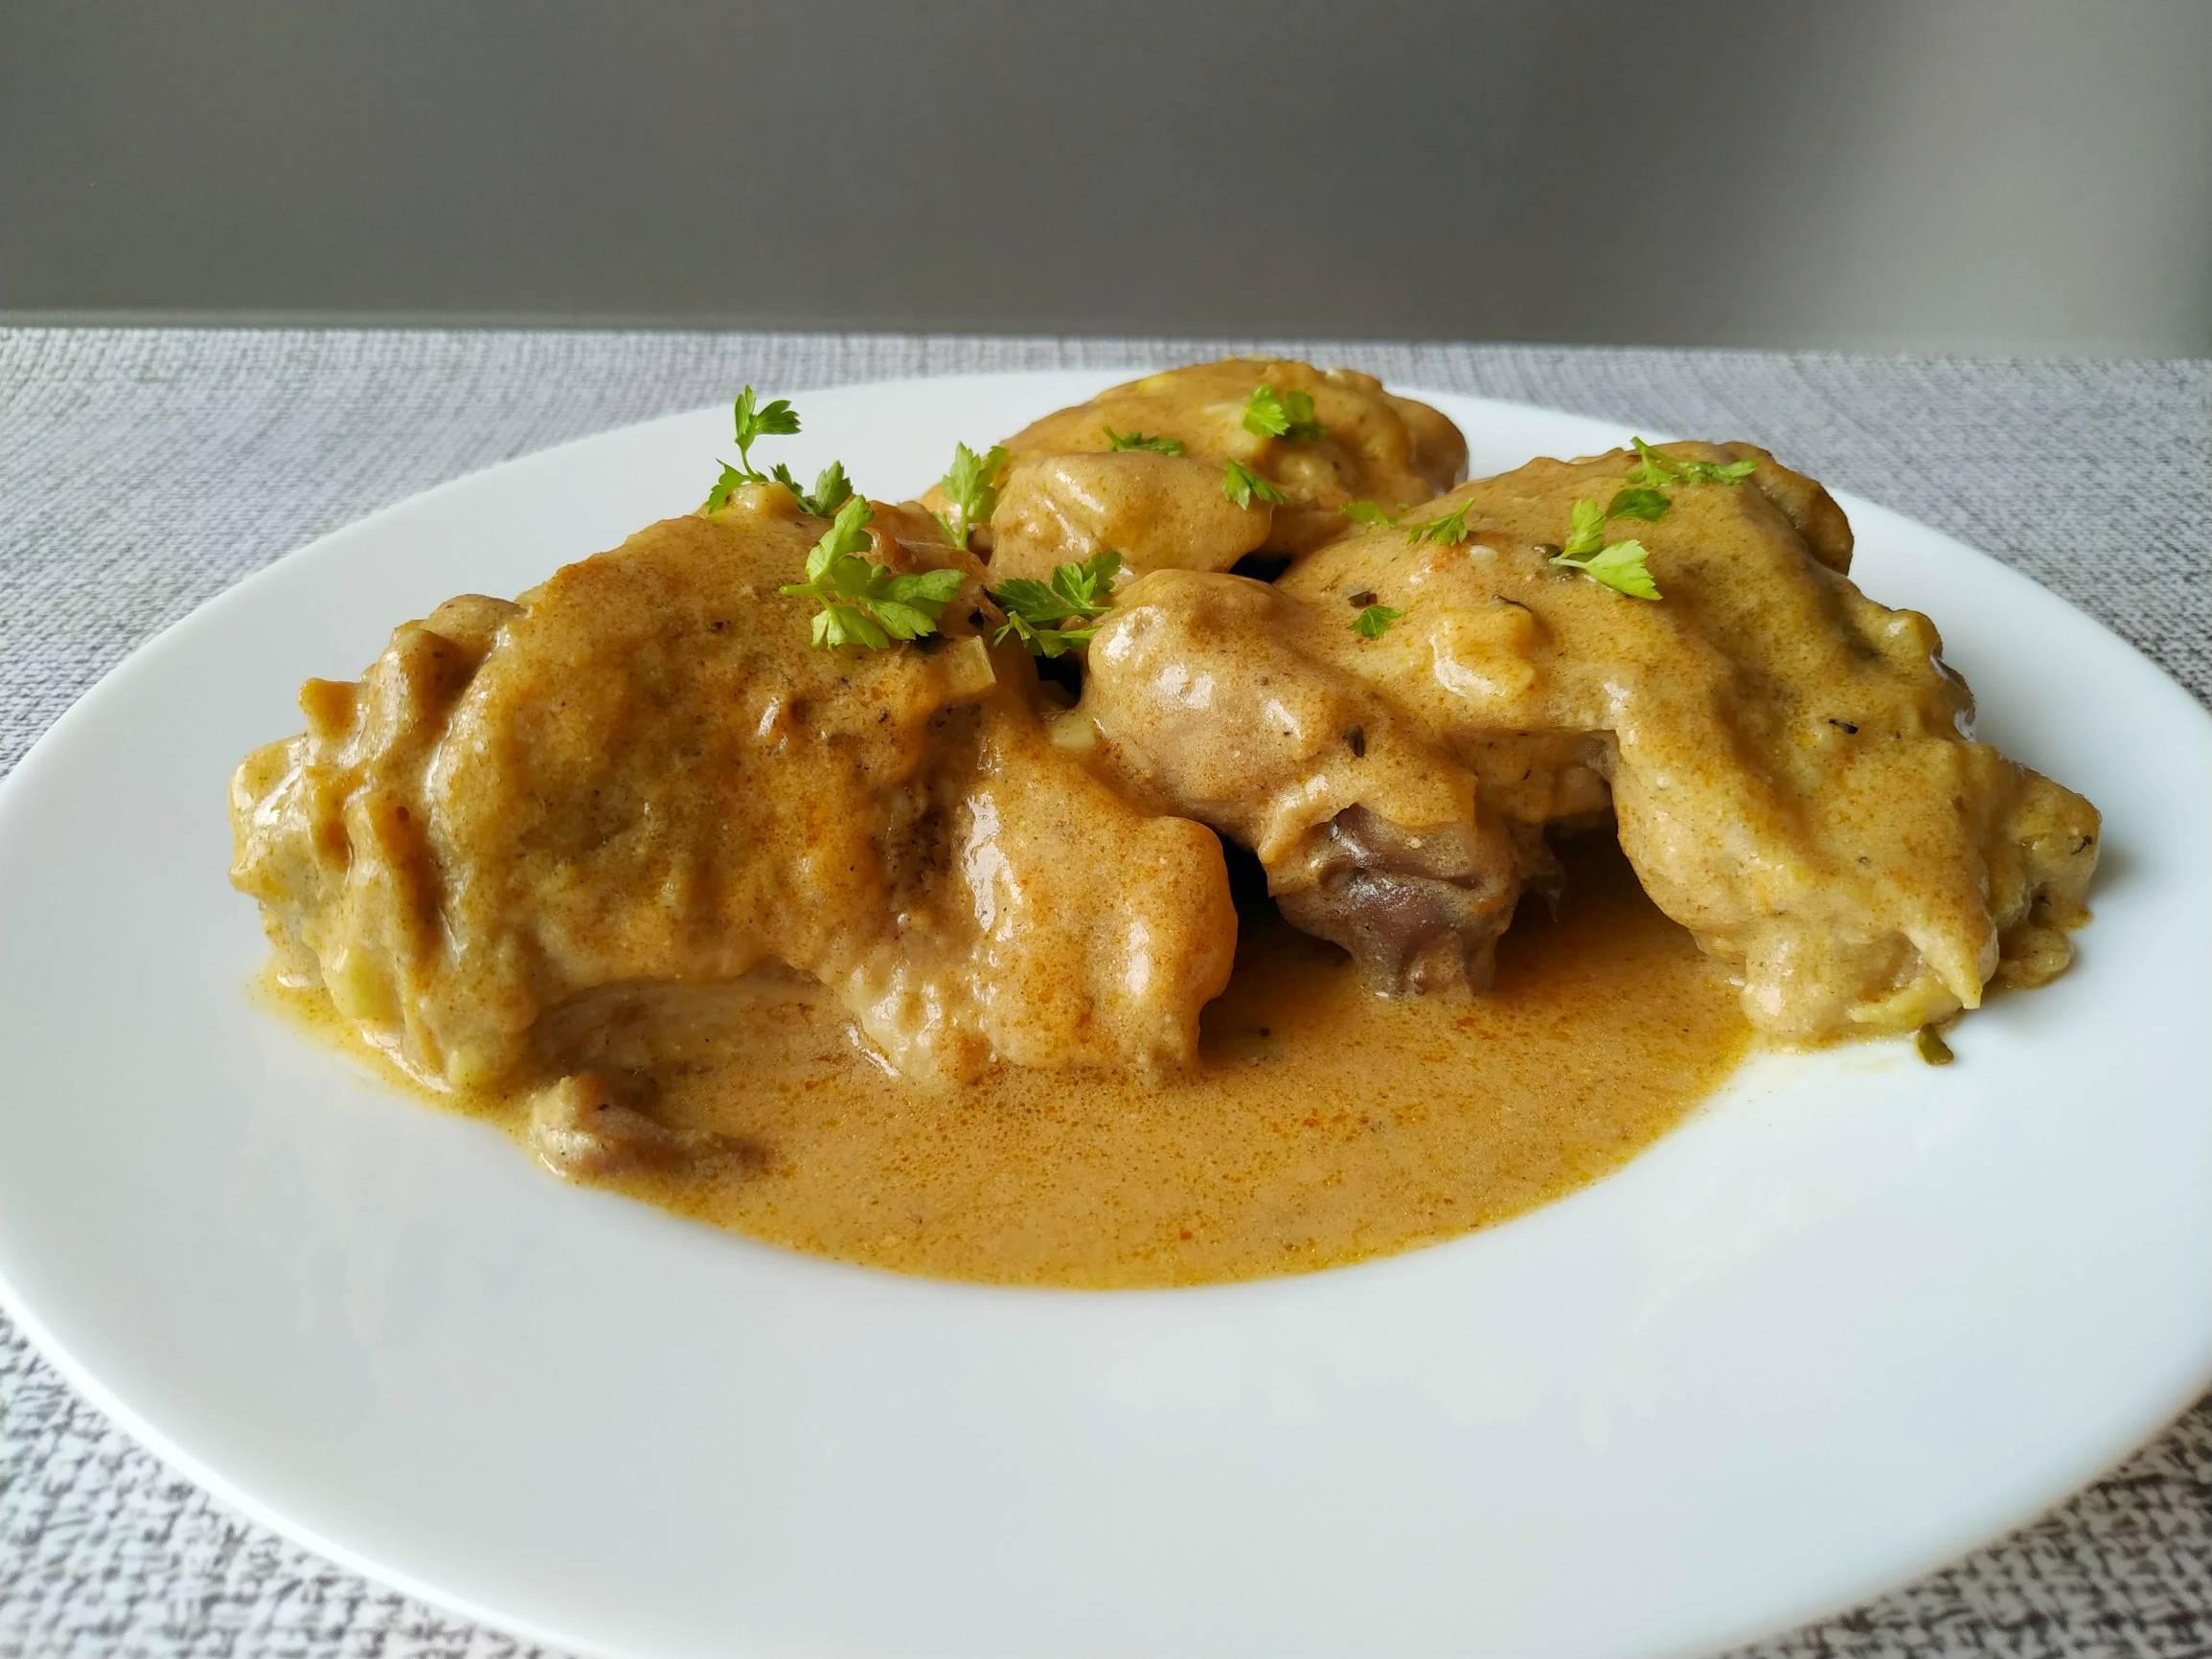 Курица с грибами в сливочном соусе - 55 домашних вкусных рецептов приготовления